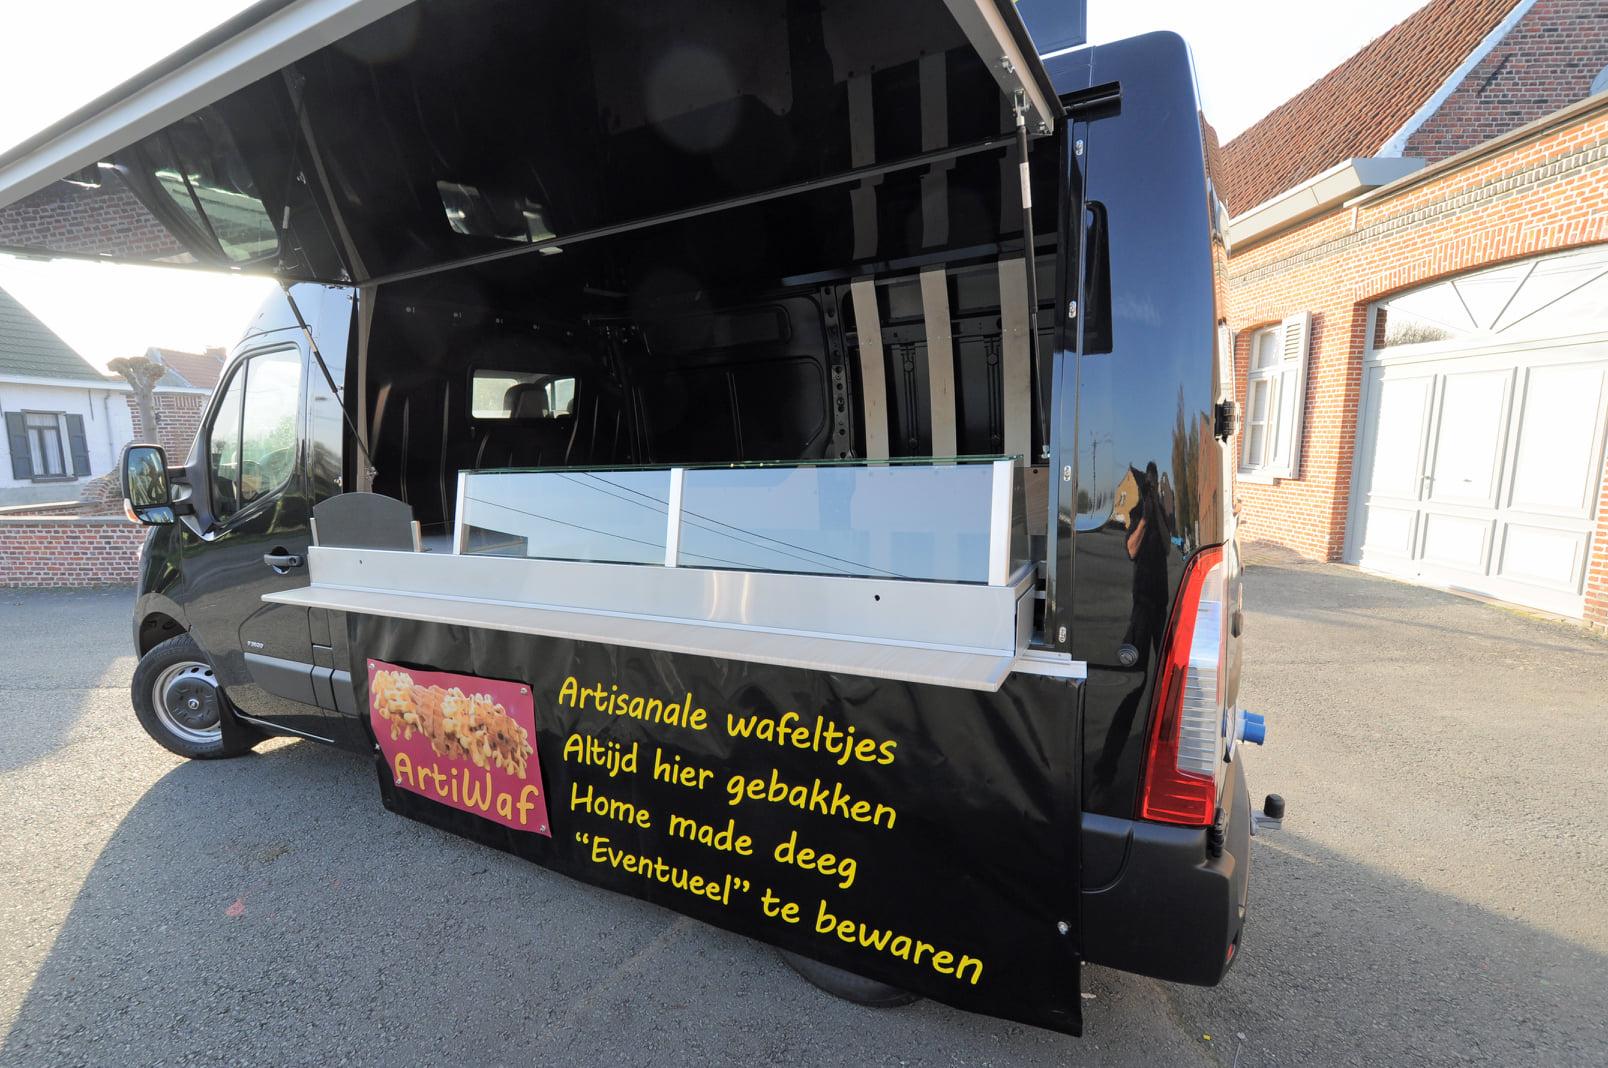 ARTIWAF,-vers-bereide-artisanale-wafels-op-de-markt-heeft-een-nieuwe-bestelwagen--8-11-2020--(4)